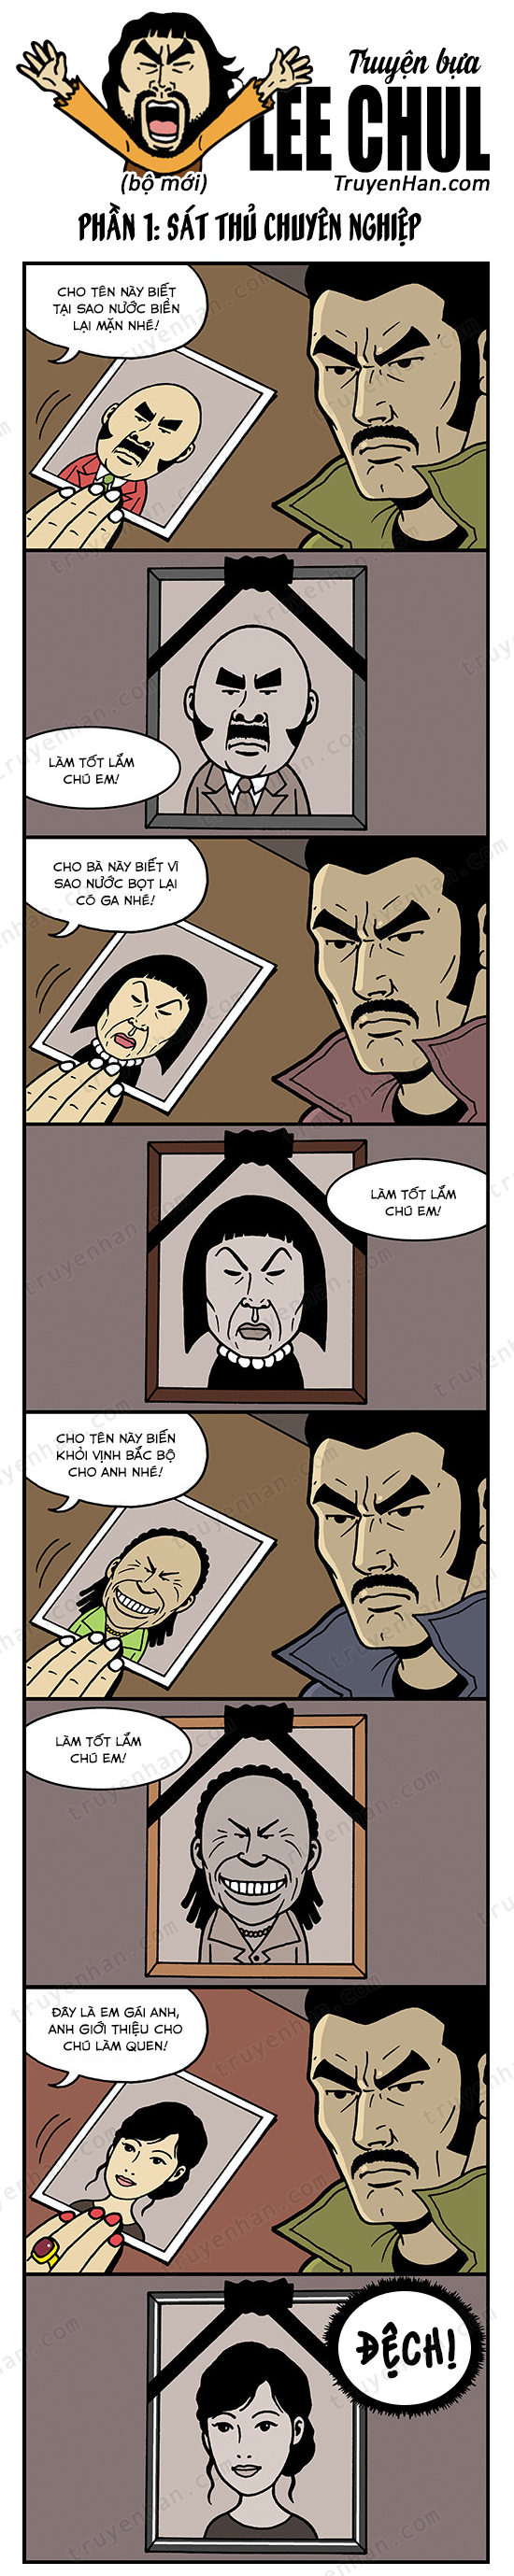 Lee Chul (bộ mới) phần 1: Sát thủ chuyên nghiệp